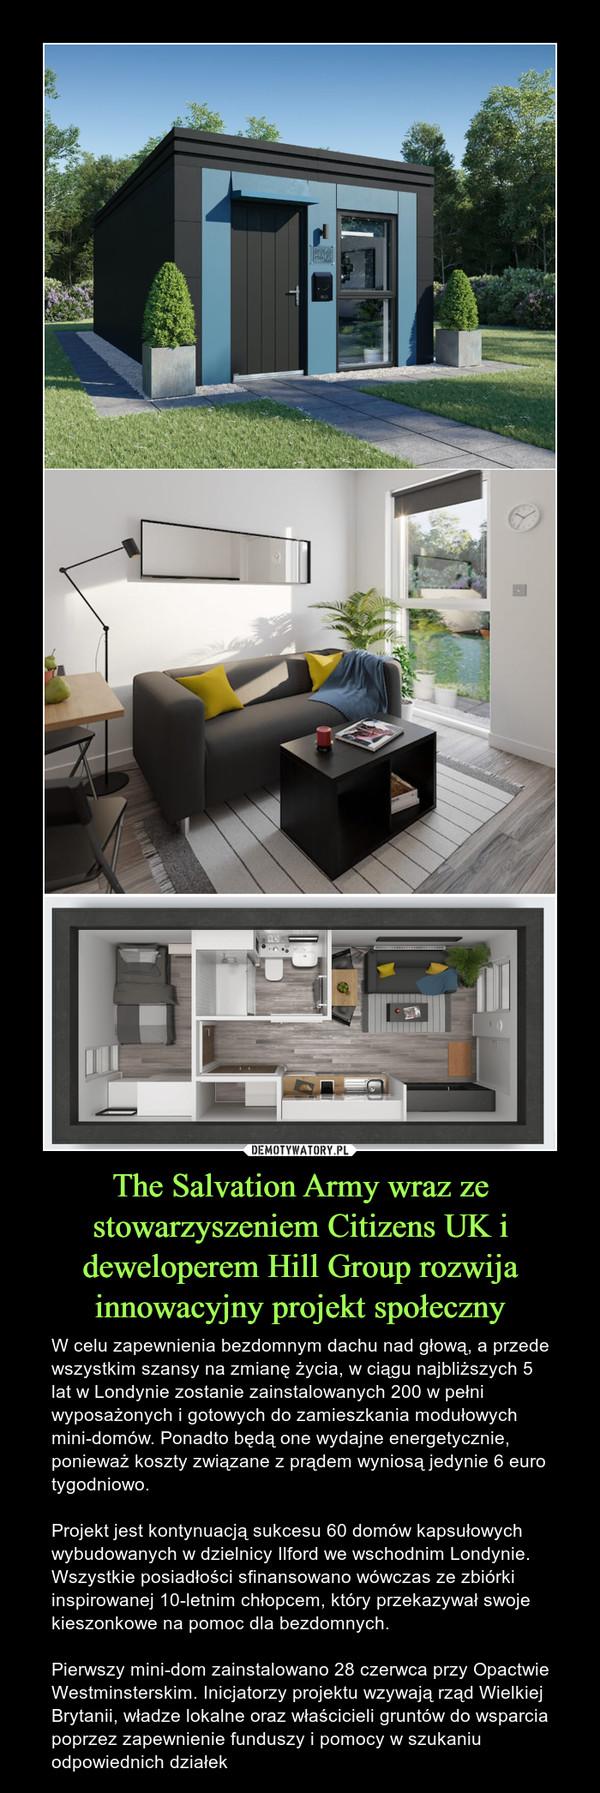 The Salvation Army wraz ze stowarzyszeniem Citizens UK i deweloperem Hill Group rozwija innowacyjny projekt społeczny – W celu zapewnienia bezdomnym dachu nad głową, a przede wszystkim szansy na zmianę życia, w ciągu najbliższych 5 lat w Londynie zostanie zainstalowanych 200 w pełni wyposażonych i gotowych do zamieszkania modułowych mini-domów. Ponadto będą one wydajne energetycznie, ponieważ koszty związane z prądem wyniosą jedynie 6 euro tygodniowo.Projekt jest kontynuacją sukcesu 60 domów kapsułowych wybudowanych w dzielnicy Ilford we wschodnim Londynie. Wszystkie posiadłości sfinansowano wówczas ze zbiórki inspirowanej 10-letnim chłopcem, który przekazywał swoje kieszonkowe na pomoc dla bezdomnych.Pierwszy mini-dom zainstalowano 28 czerwca przy Opactwie Westminsterskim. Inicjatorzy projektu wzywają rząd Wielkiej Brytanii, władze lokalne oraz właścicieli gruntów do wsparcia poprzez zapewnienie funduszy i pomocy w szukaniu odpowiednich działek